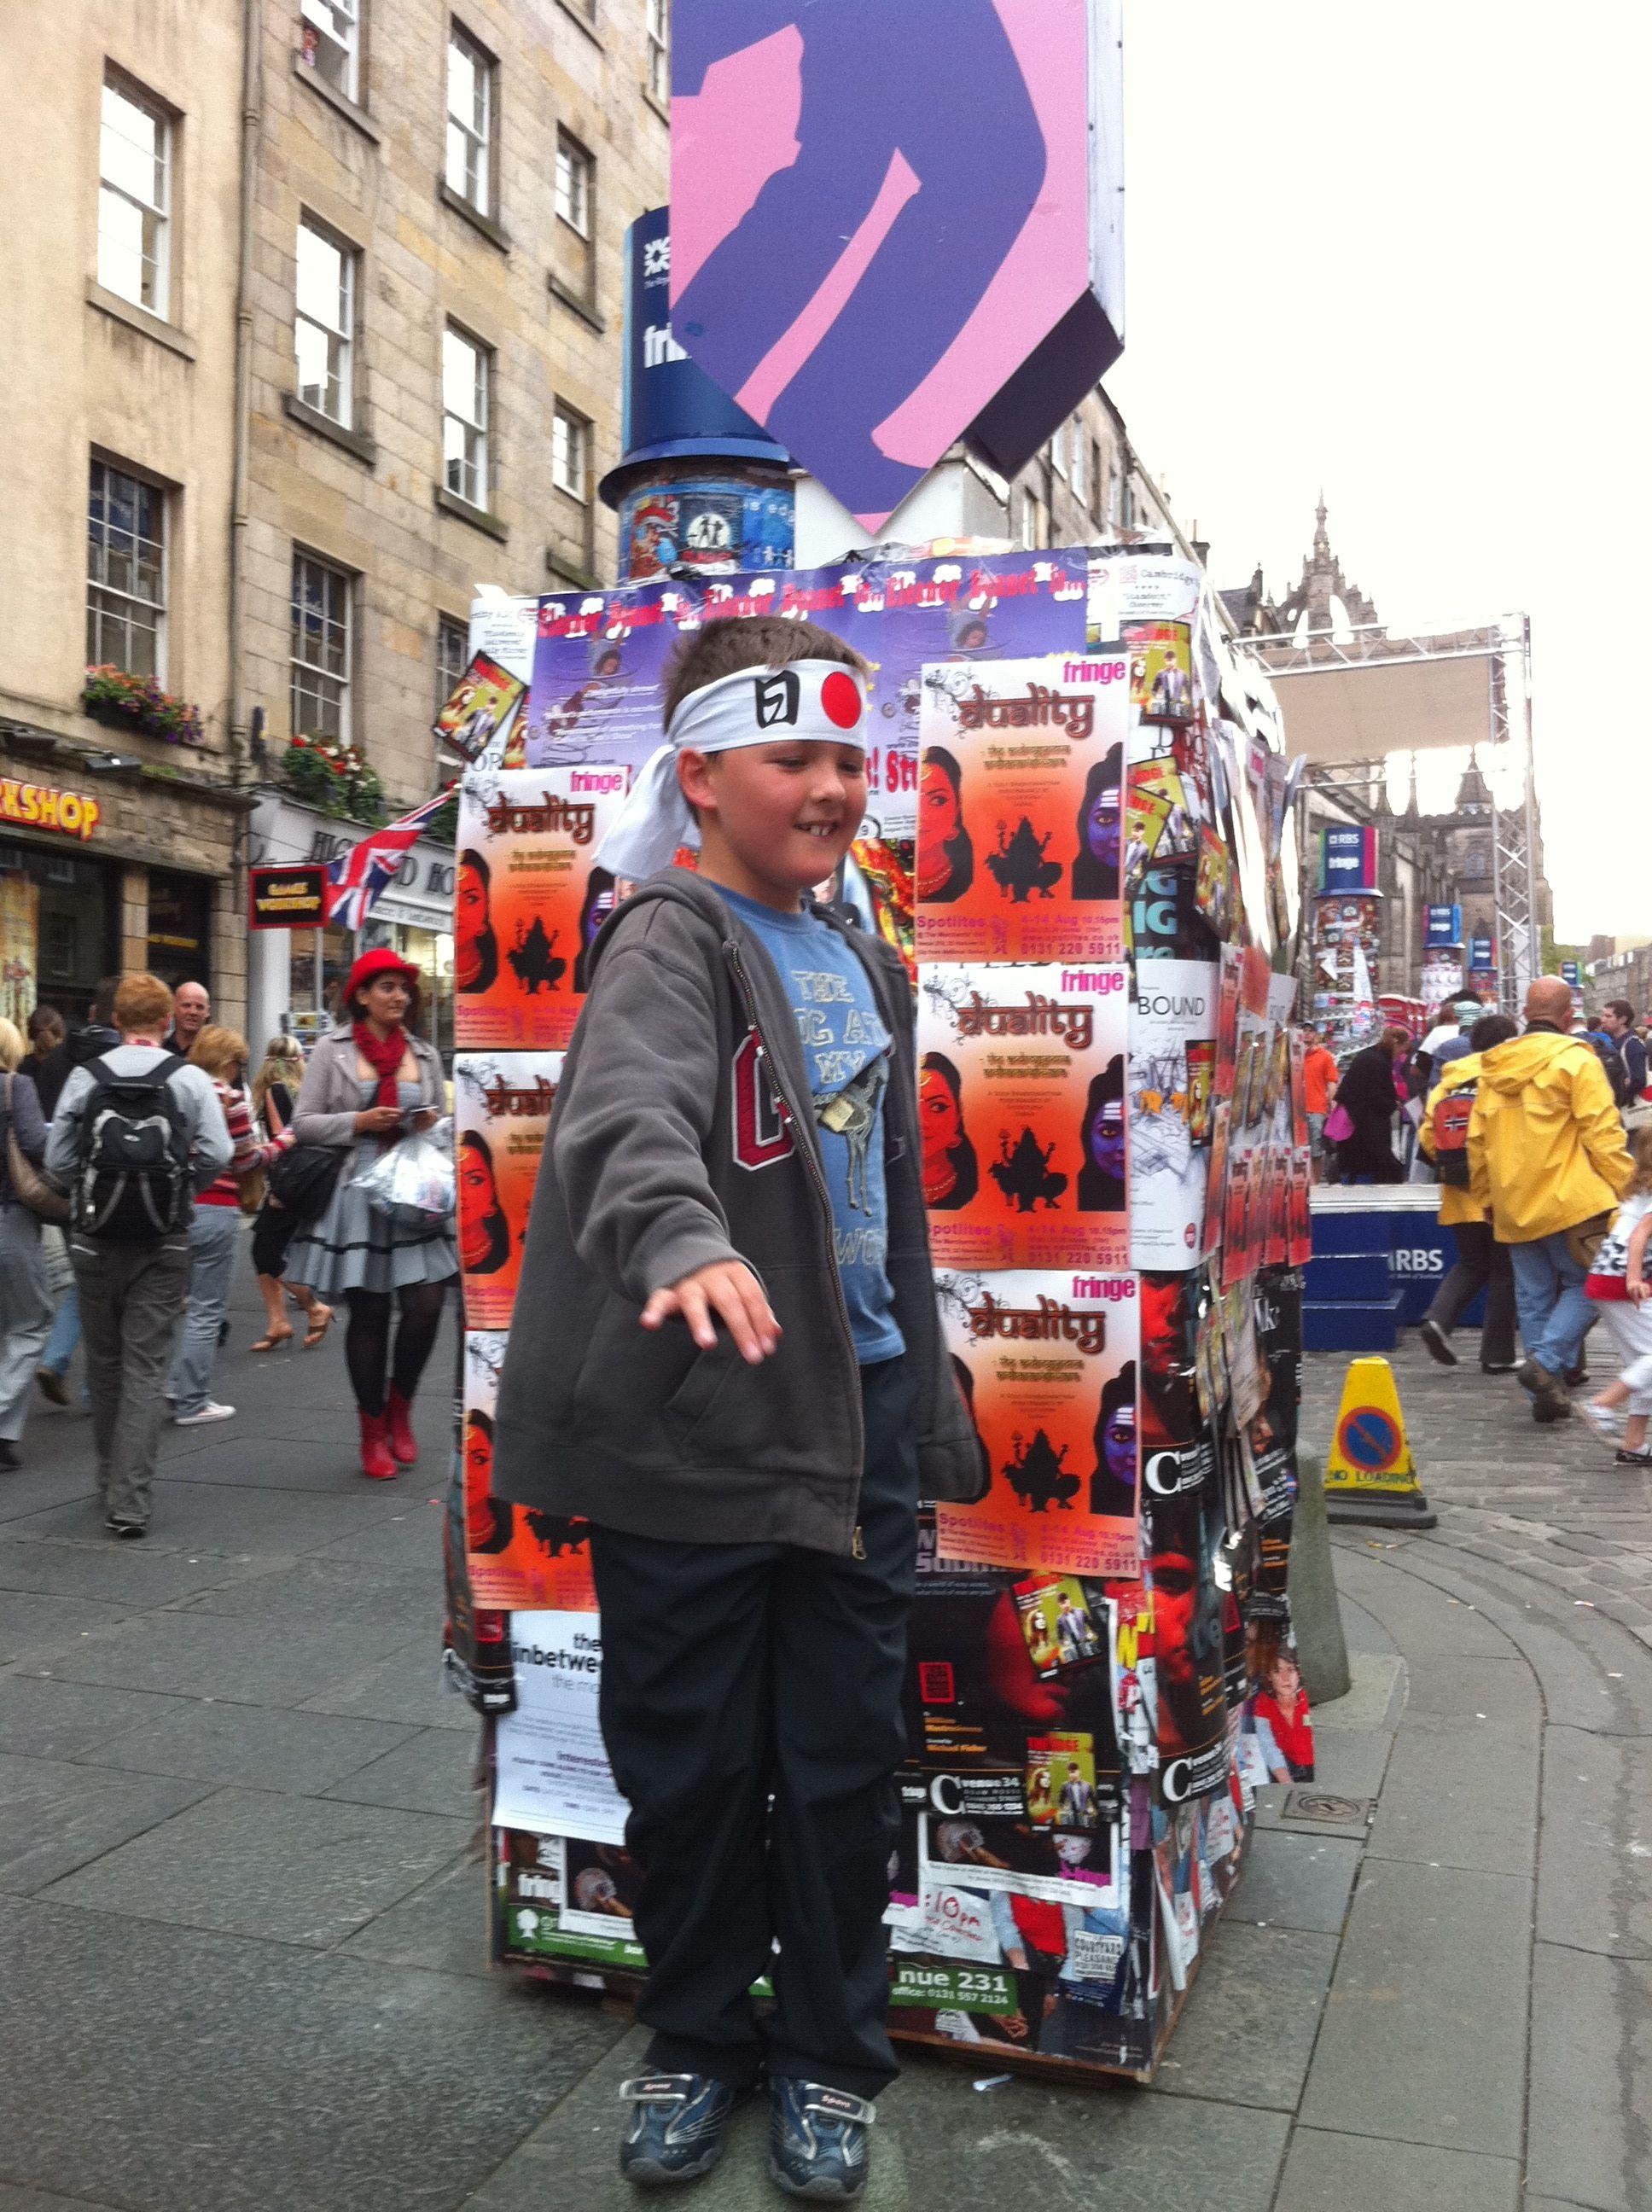 edinburgh fringe festival box office. Edinburgh Festival Fringe, The Buy Tickets, Box Office, Scotland, Centre Fringe Office